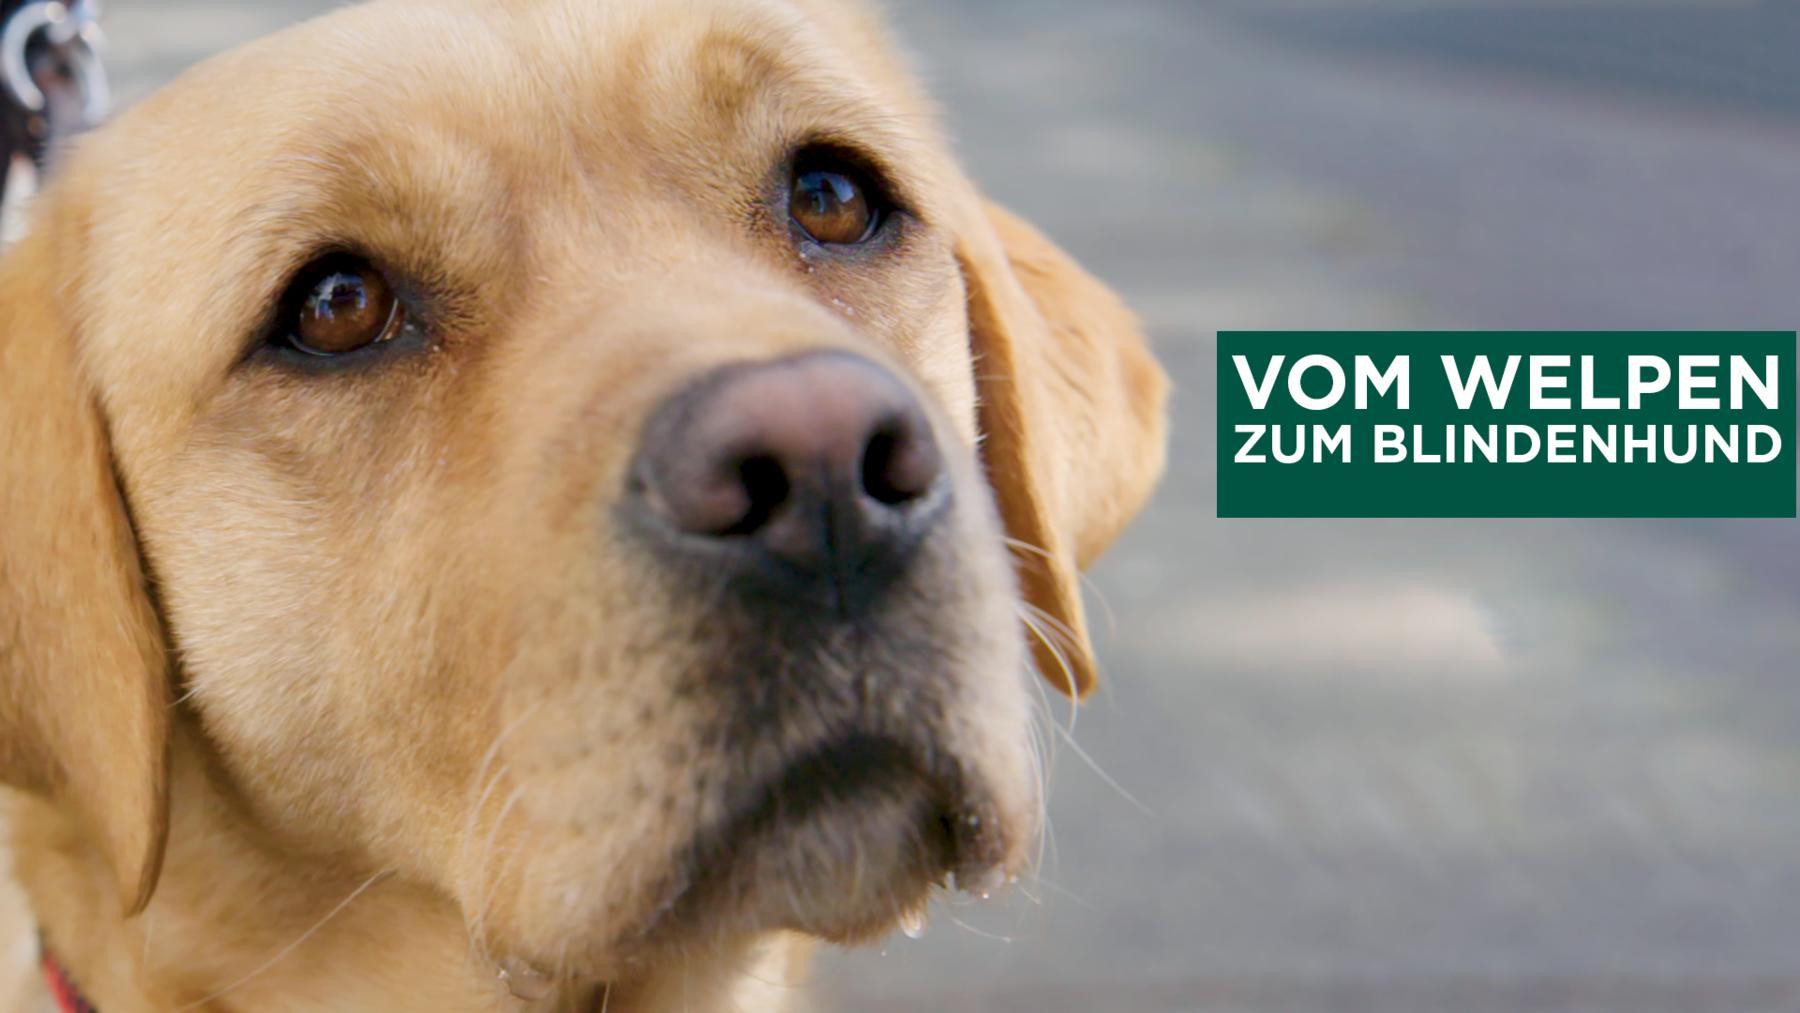 Vom Welpen zum Blindenhund